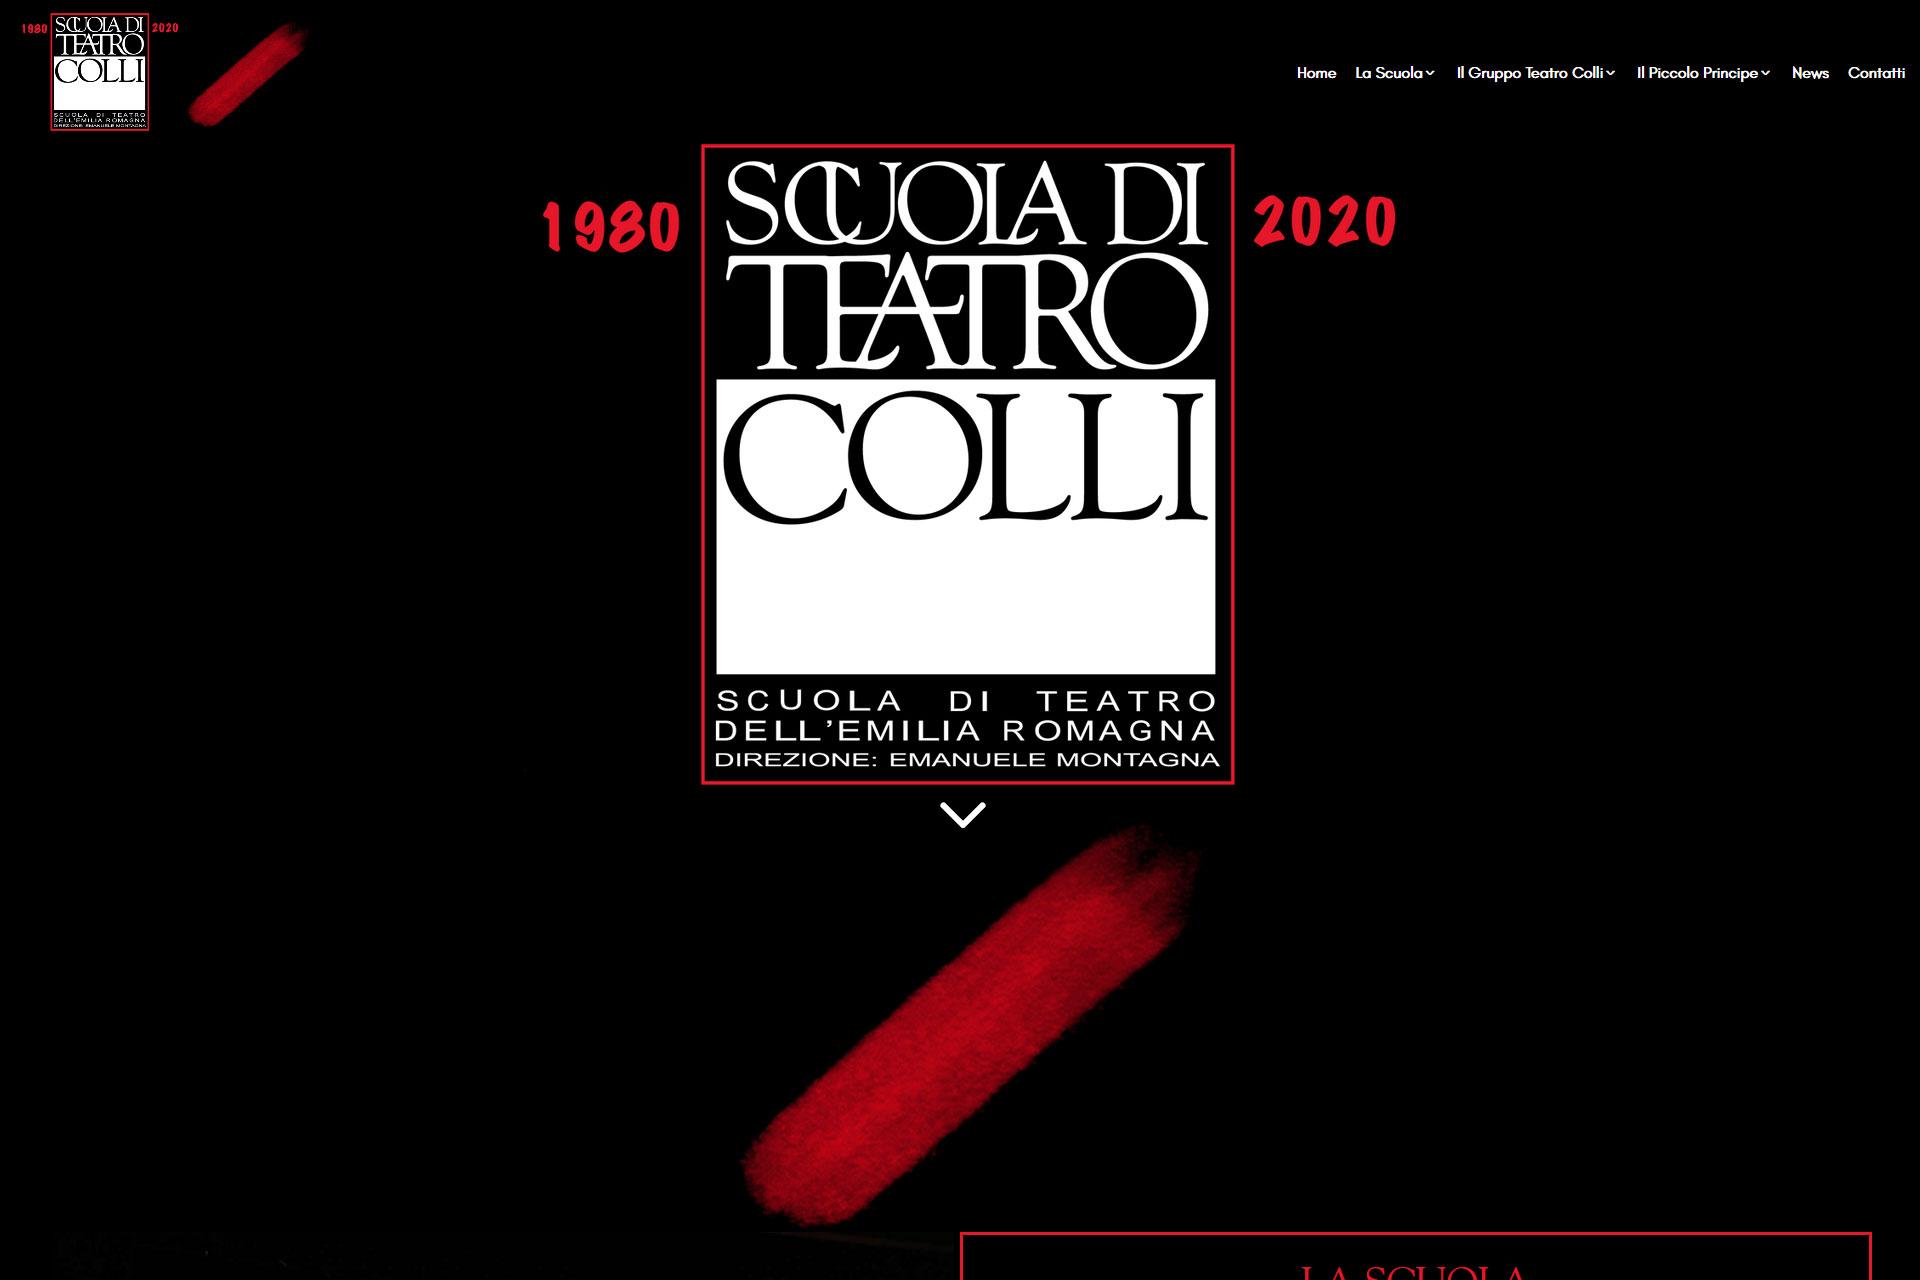 Scuola di Teatro Colli Sito Web